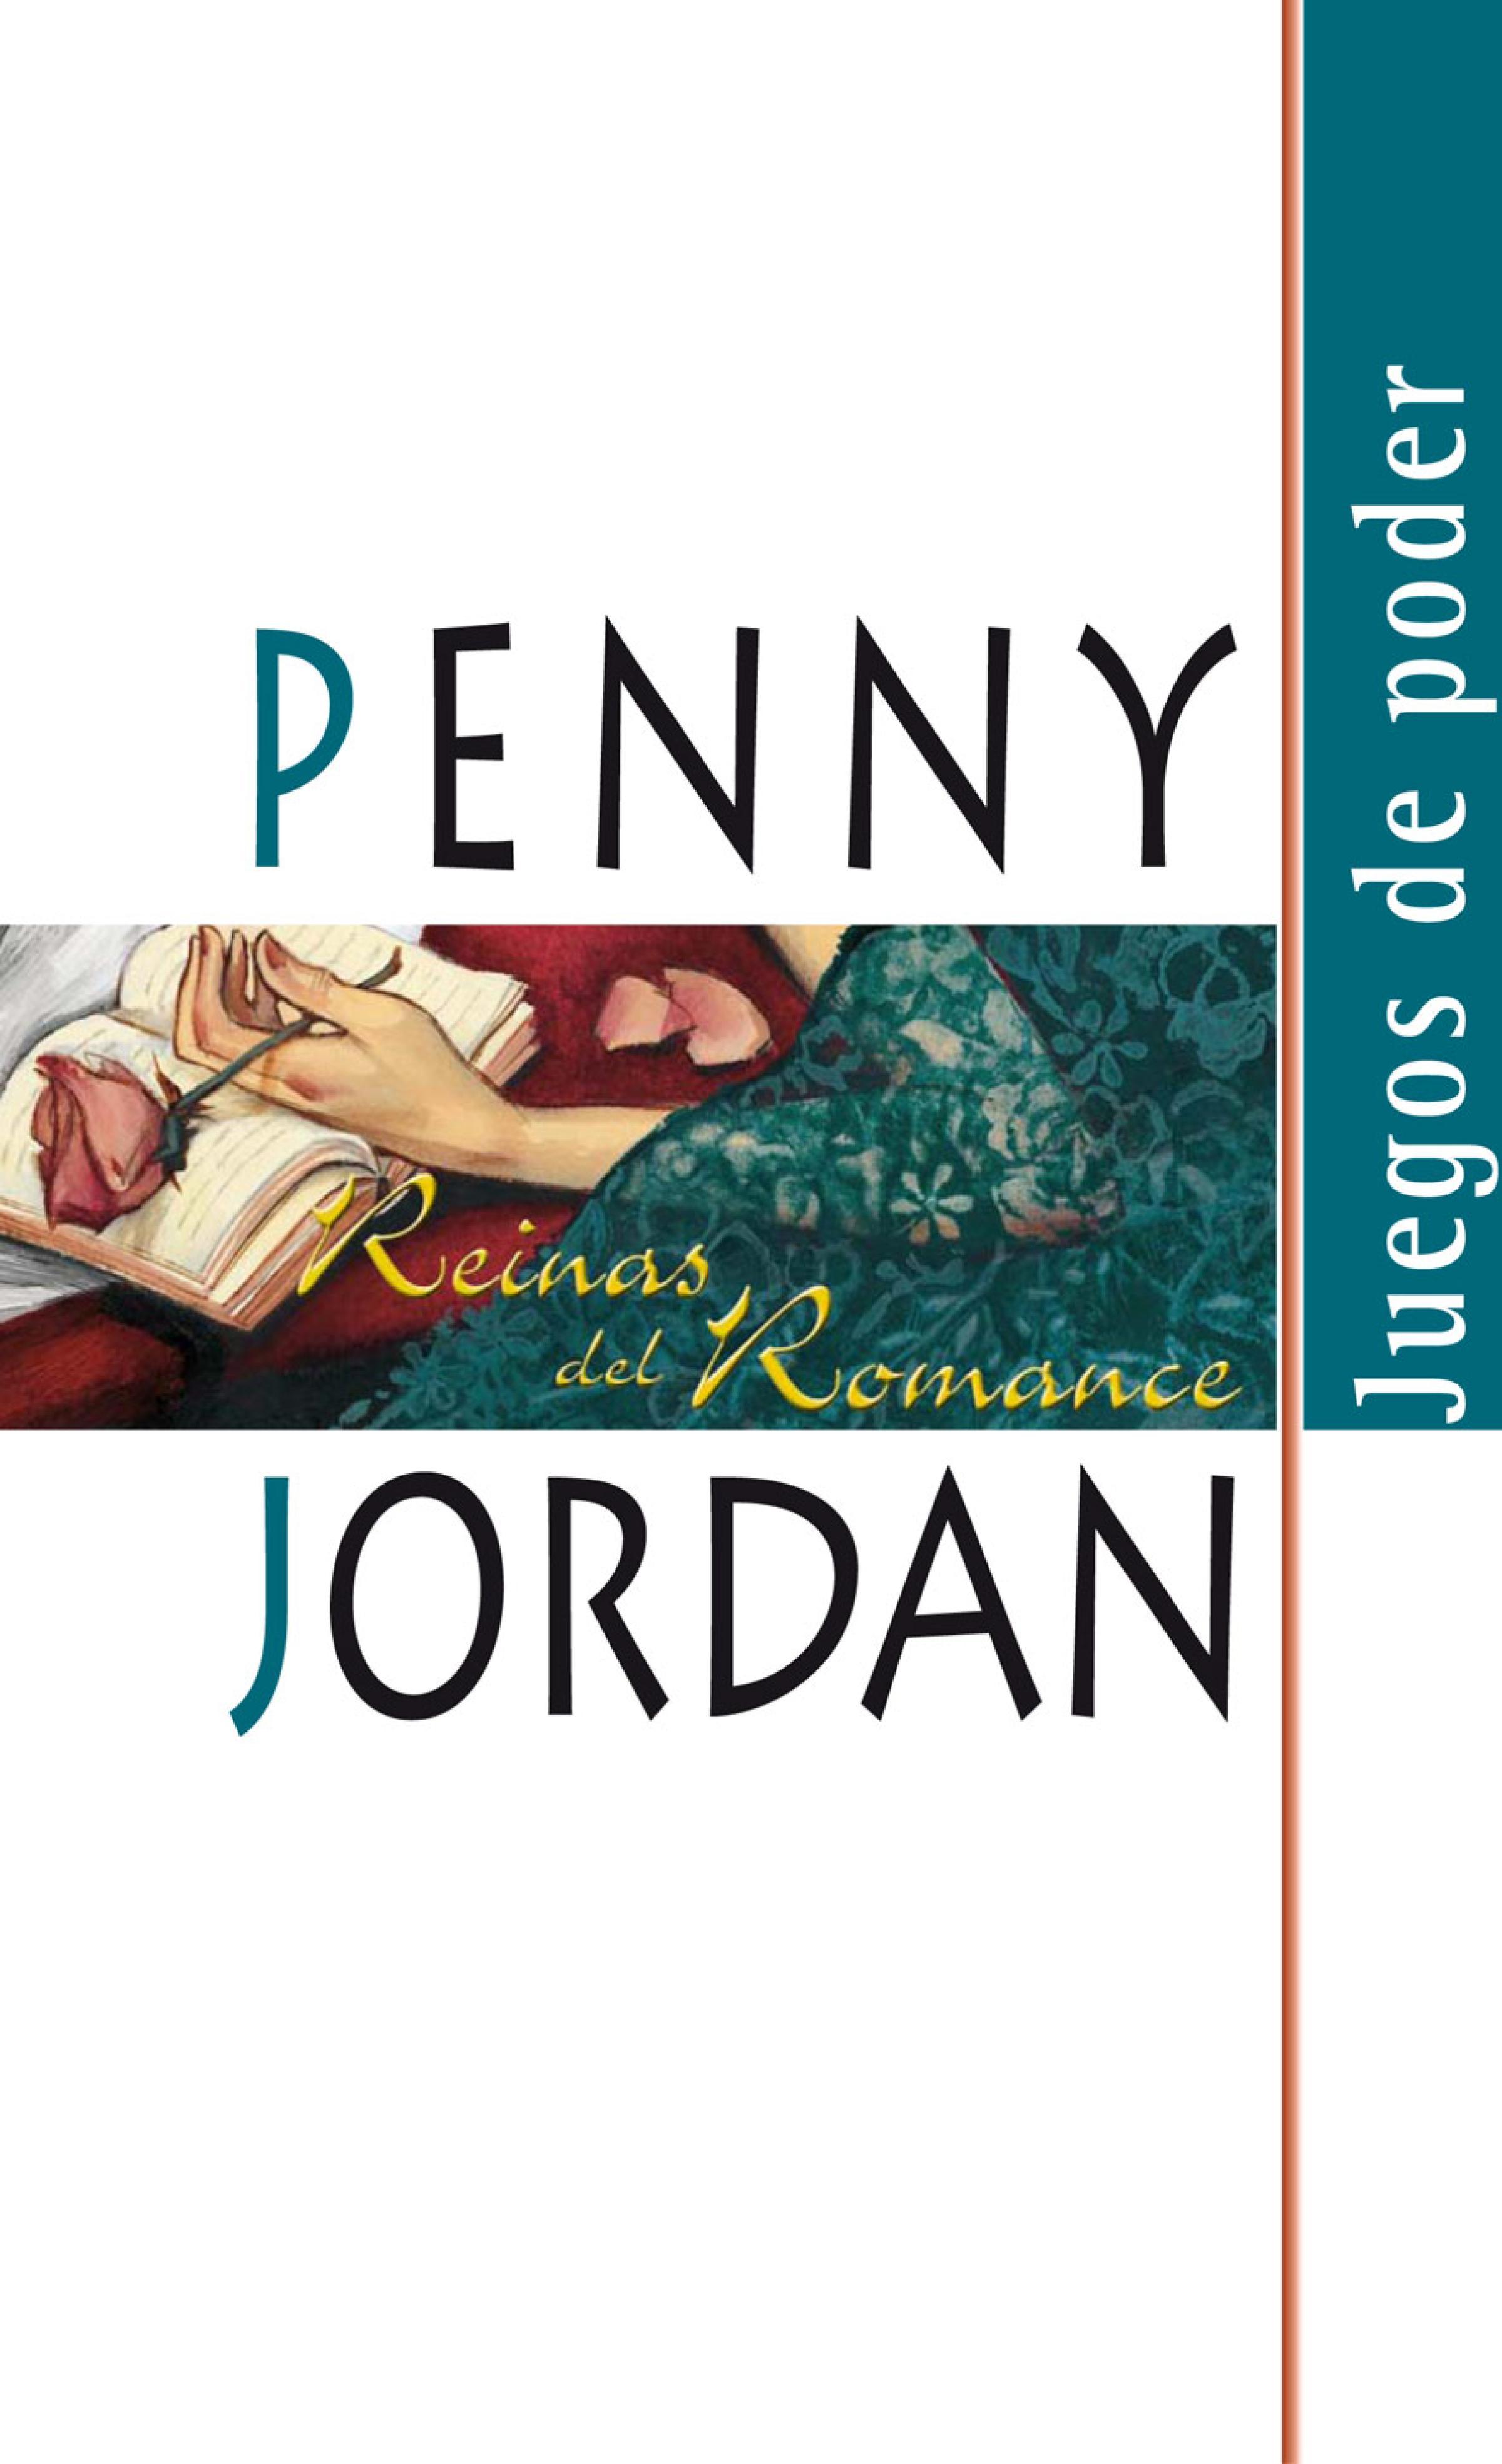 Penny Jordan Juegos de poder недорого